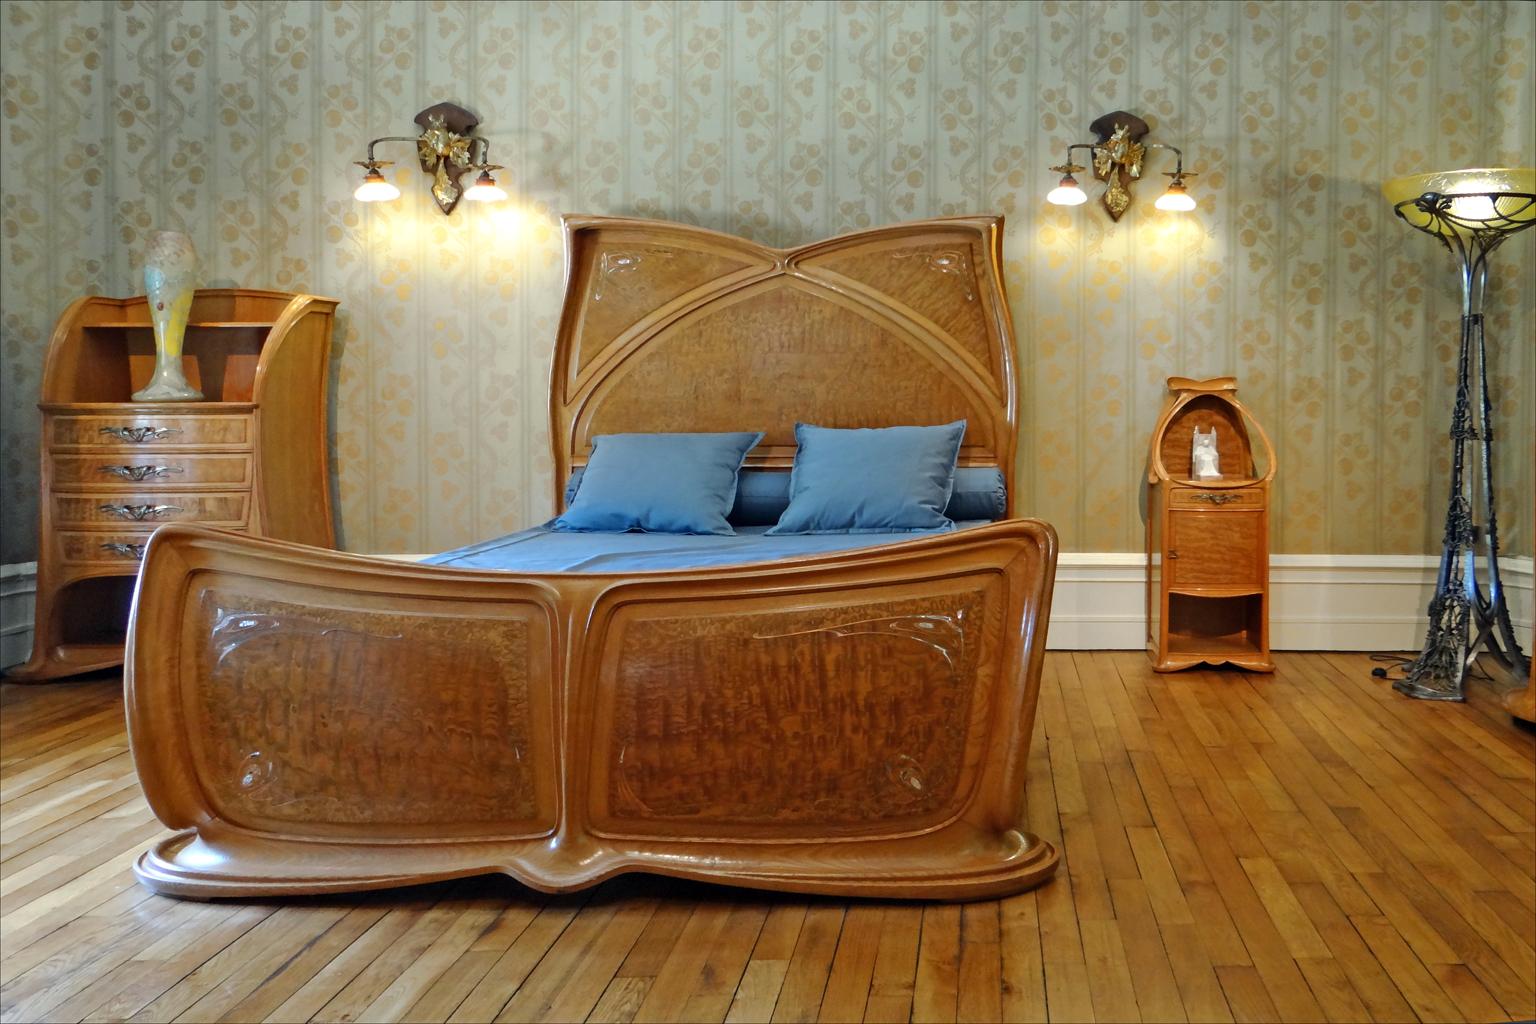 Chambre a coucher nouveau mari for Chambre a coucher nouveau modele